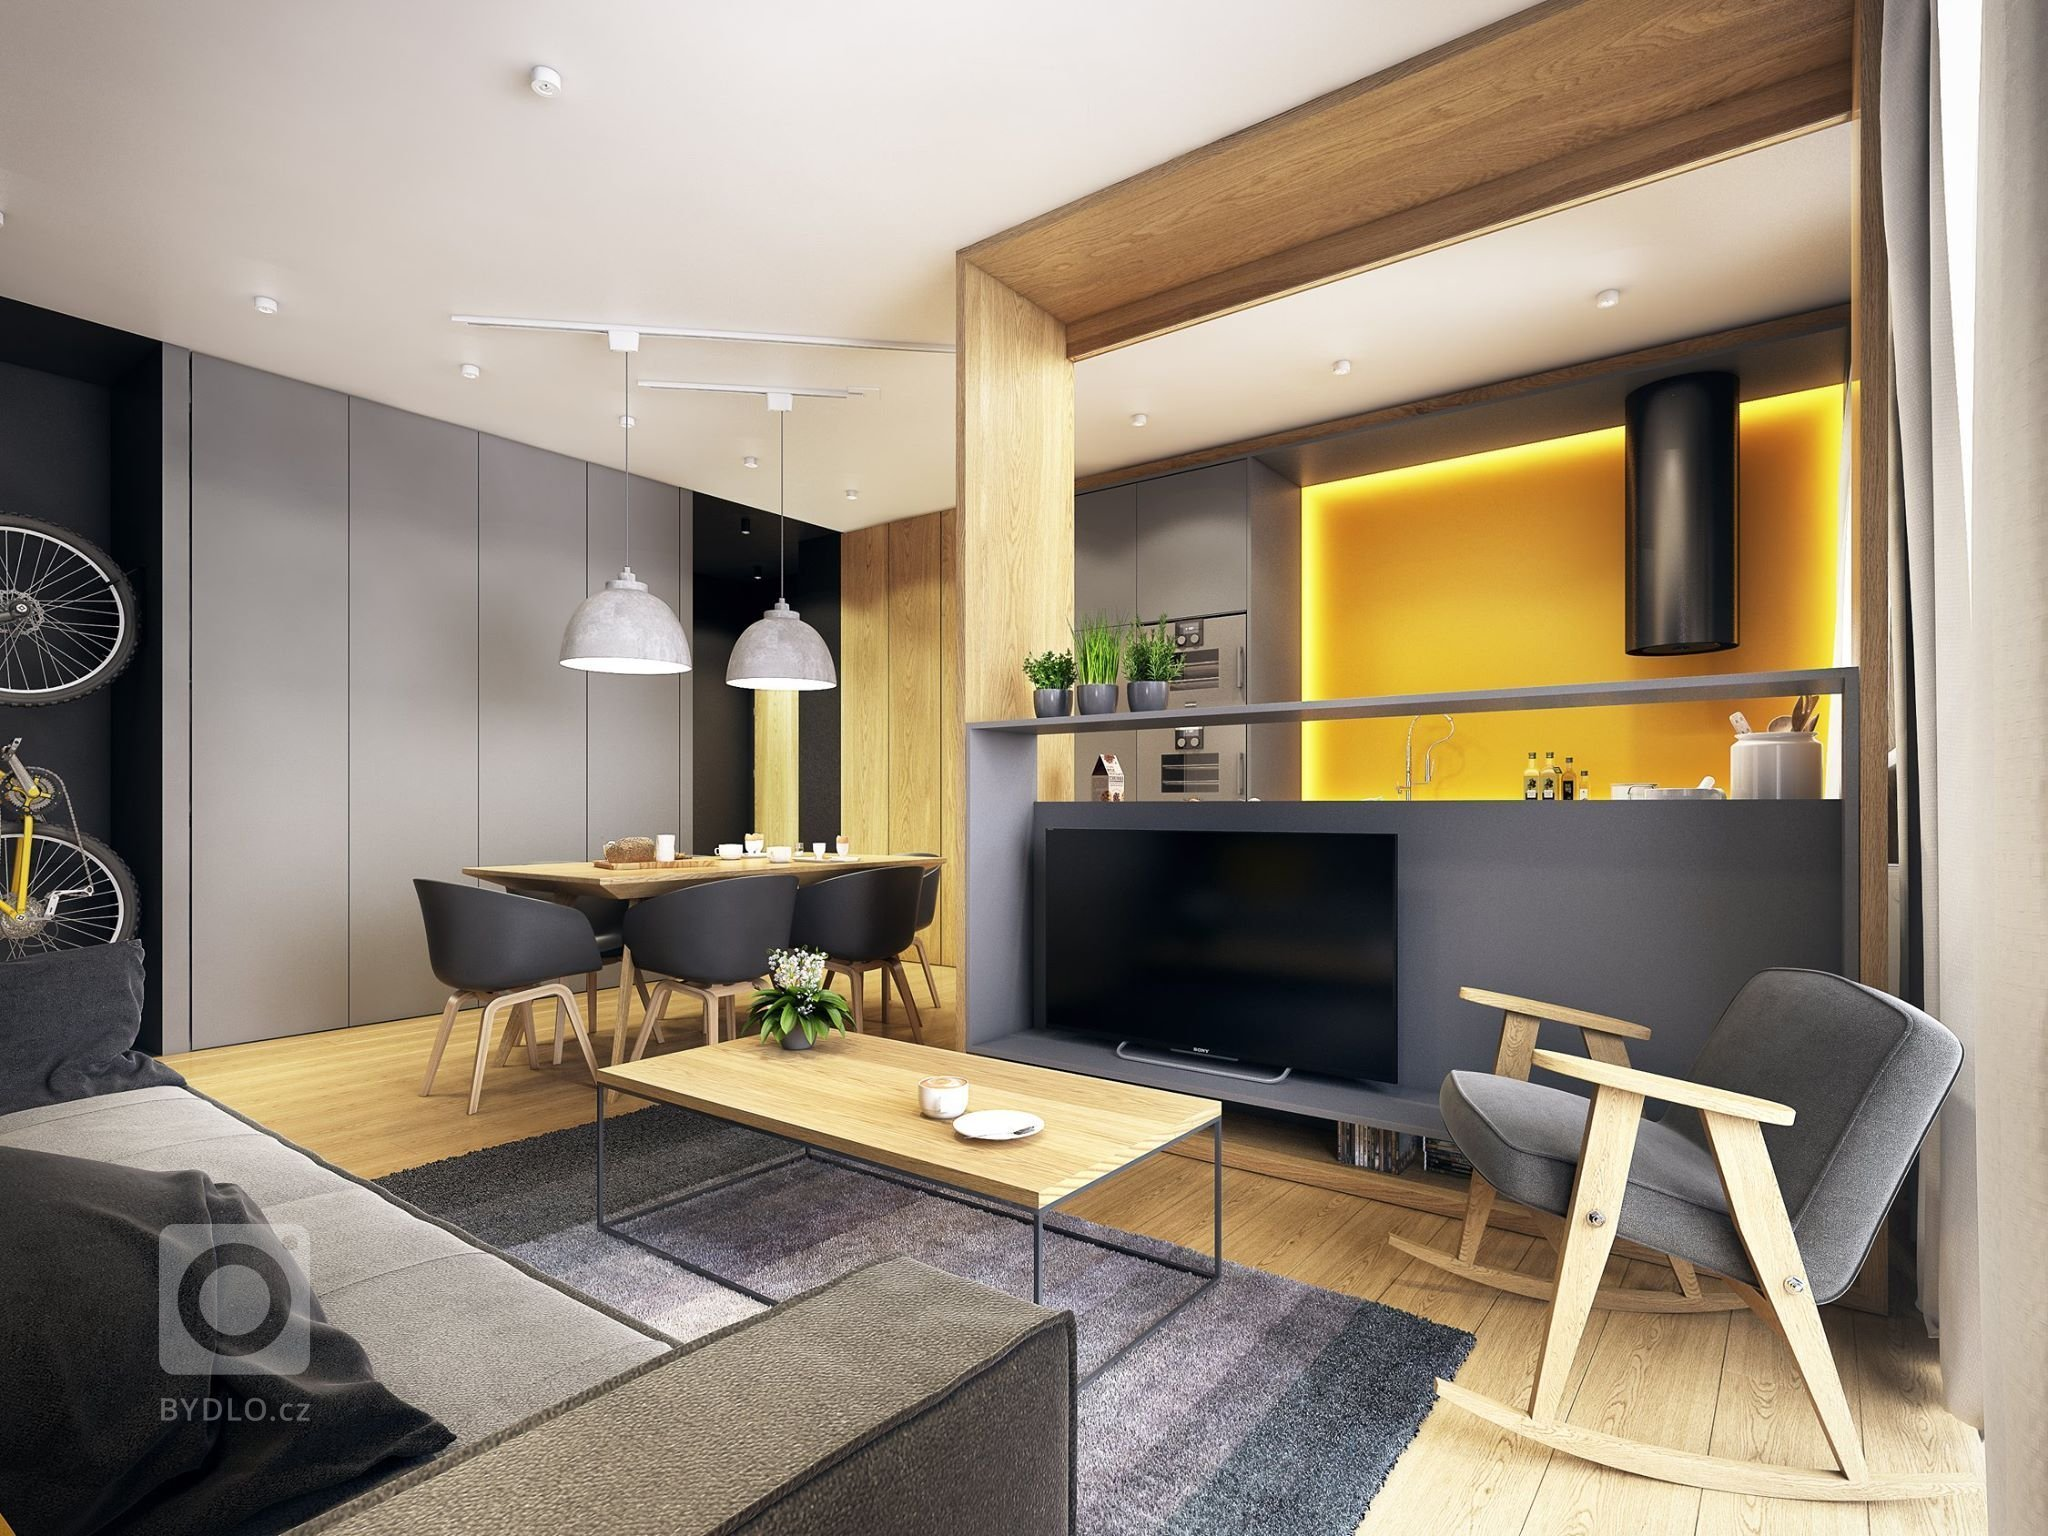 Dokonale nadčasový interiér s módní žlutou barvou pro oživení.